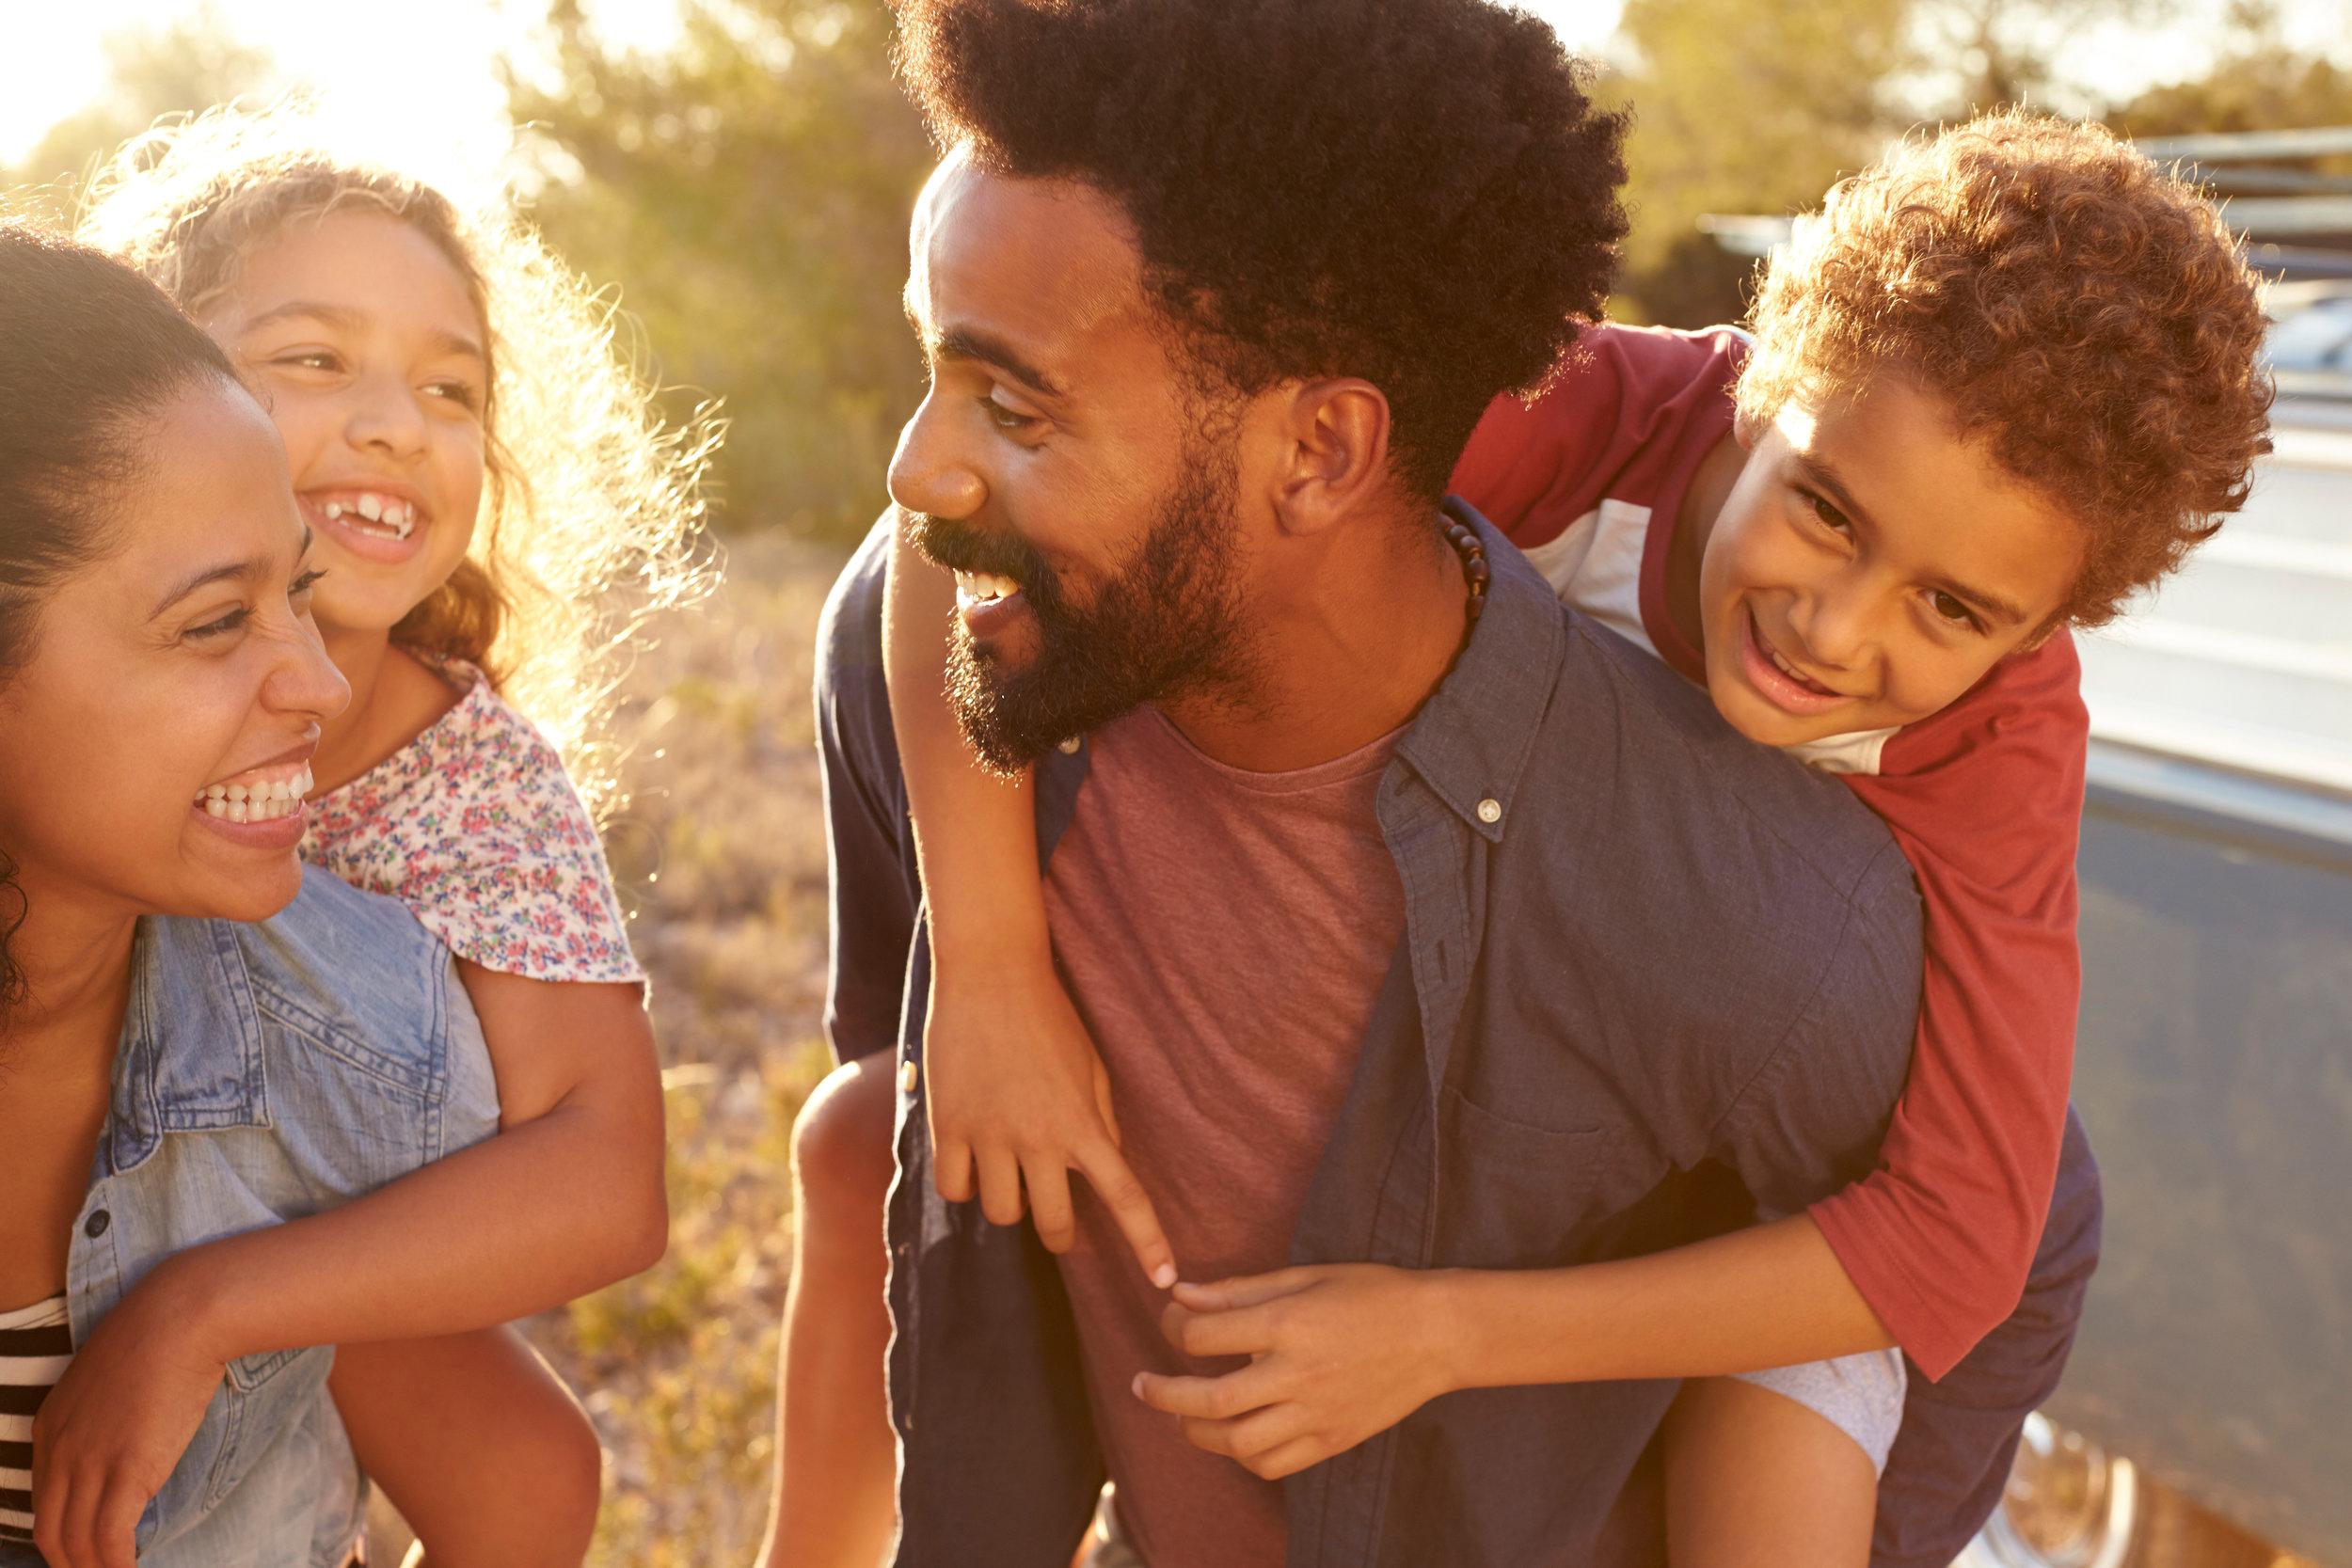 Nuestra Mision - Pathways to Change ha servido a los condados de Chatham, Orange y Durham, NC y sus comunidades durante casi 25 años. Los servicios actuales que se prestan incluyen la Intervención de Abuso de Pareja (Clases de Violencia Doméstica) certificada por Carolina del Norte, el Manejo de la Ira/enojo, la Planificación de Sentencias y el Programa de Padres Fuertes (Strong Fathers Program). Todos los servicios se ofrecen en un ambiente de apoyo y responsabilidad, brindando a los clientes un camino hacia un crecimiento y cambios positivos.Aprende Mas